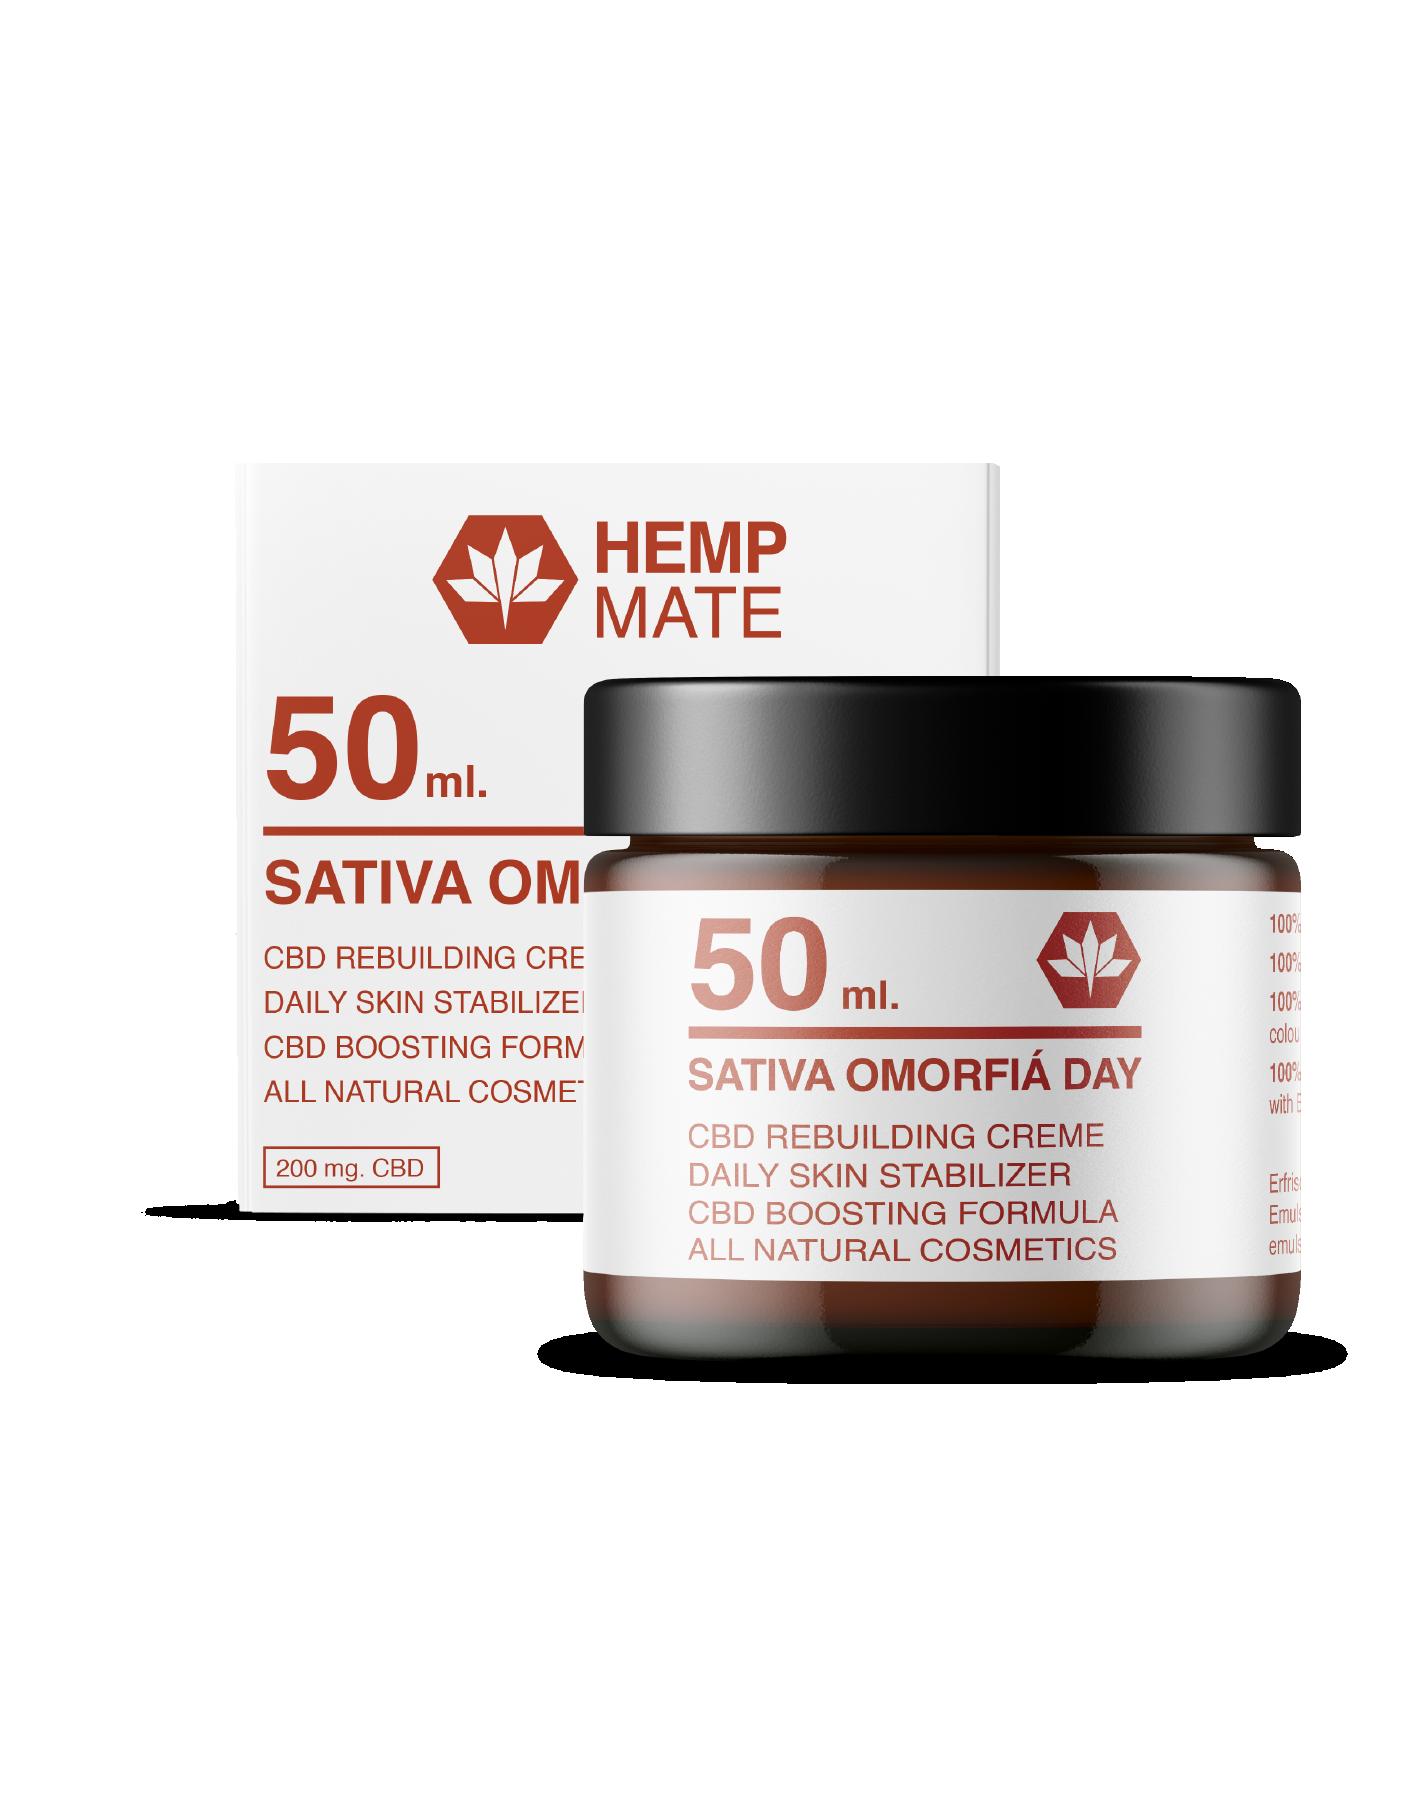 Sativa Omorfiá Day